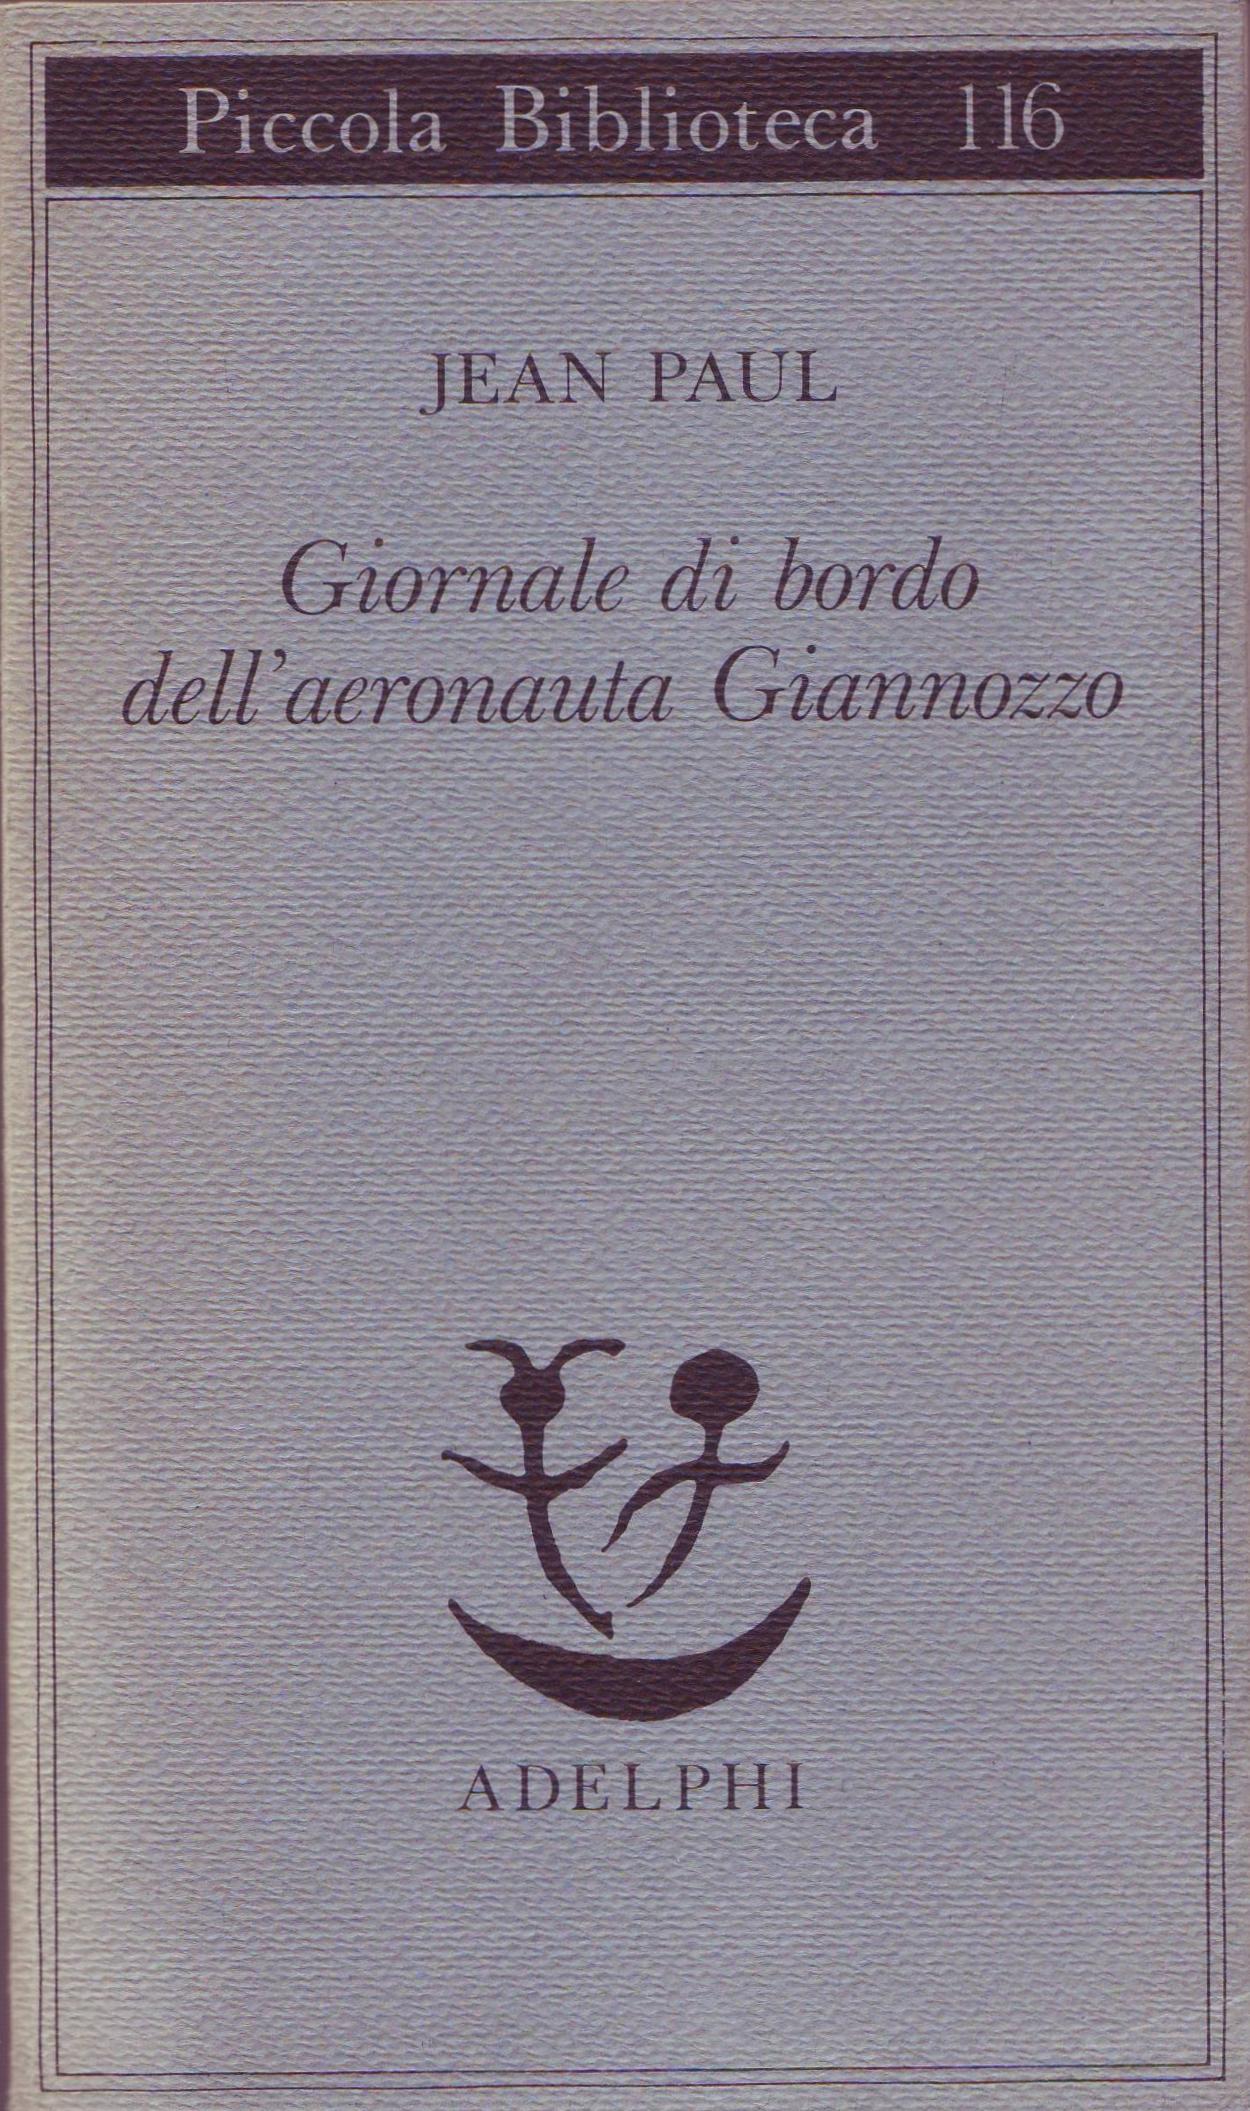 Giornale di bordo dell'aeronauta Giannozzo